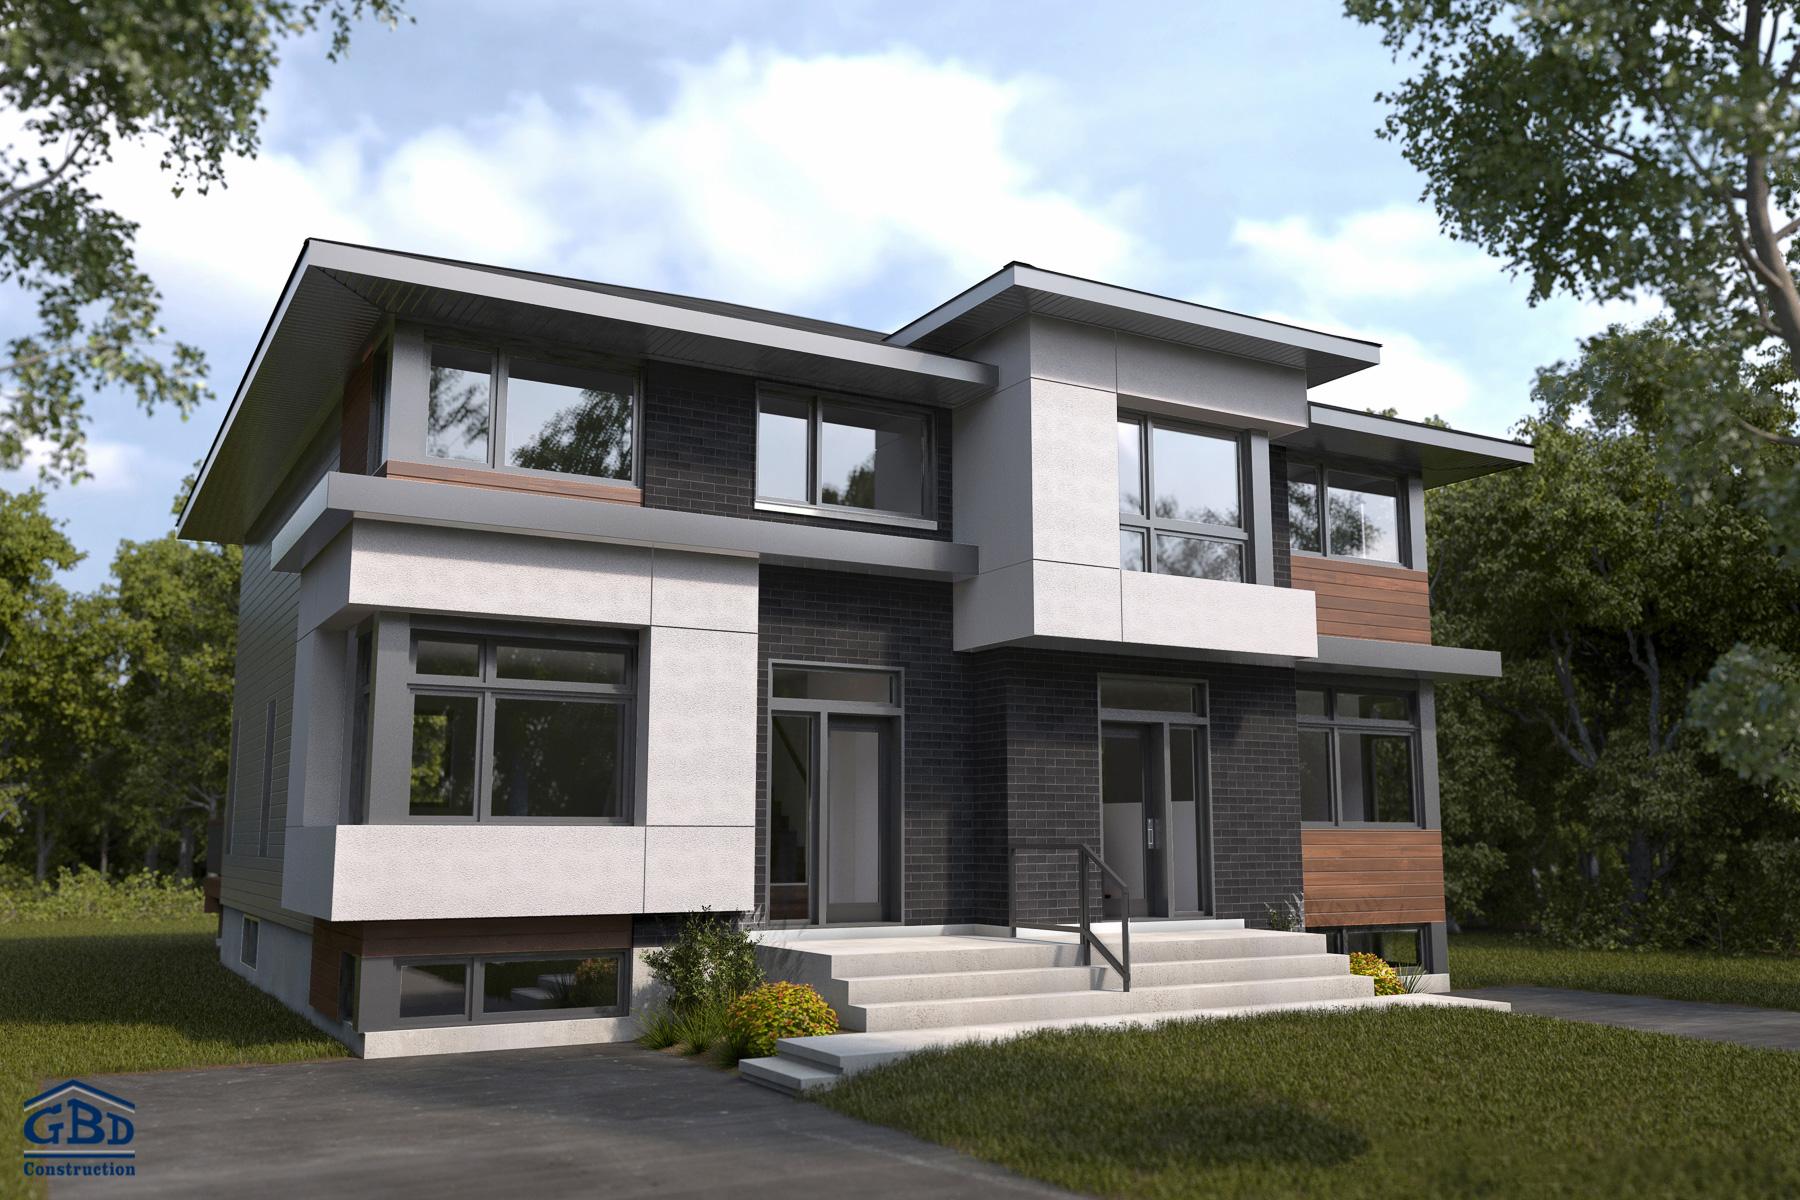 Ruisseau maison neuve jumel e gbd construction - Modele d architecture de maison ...